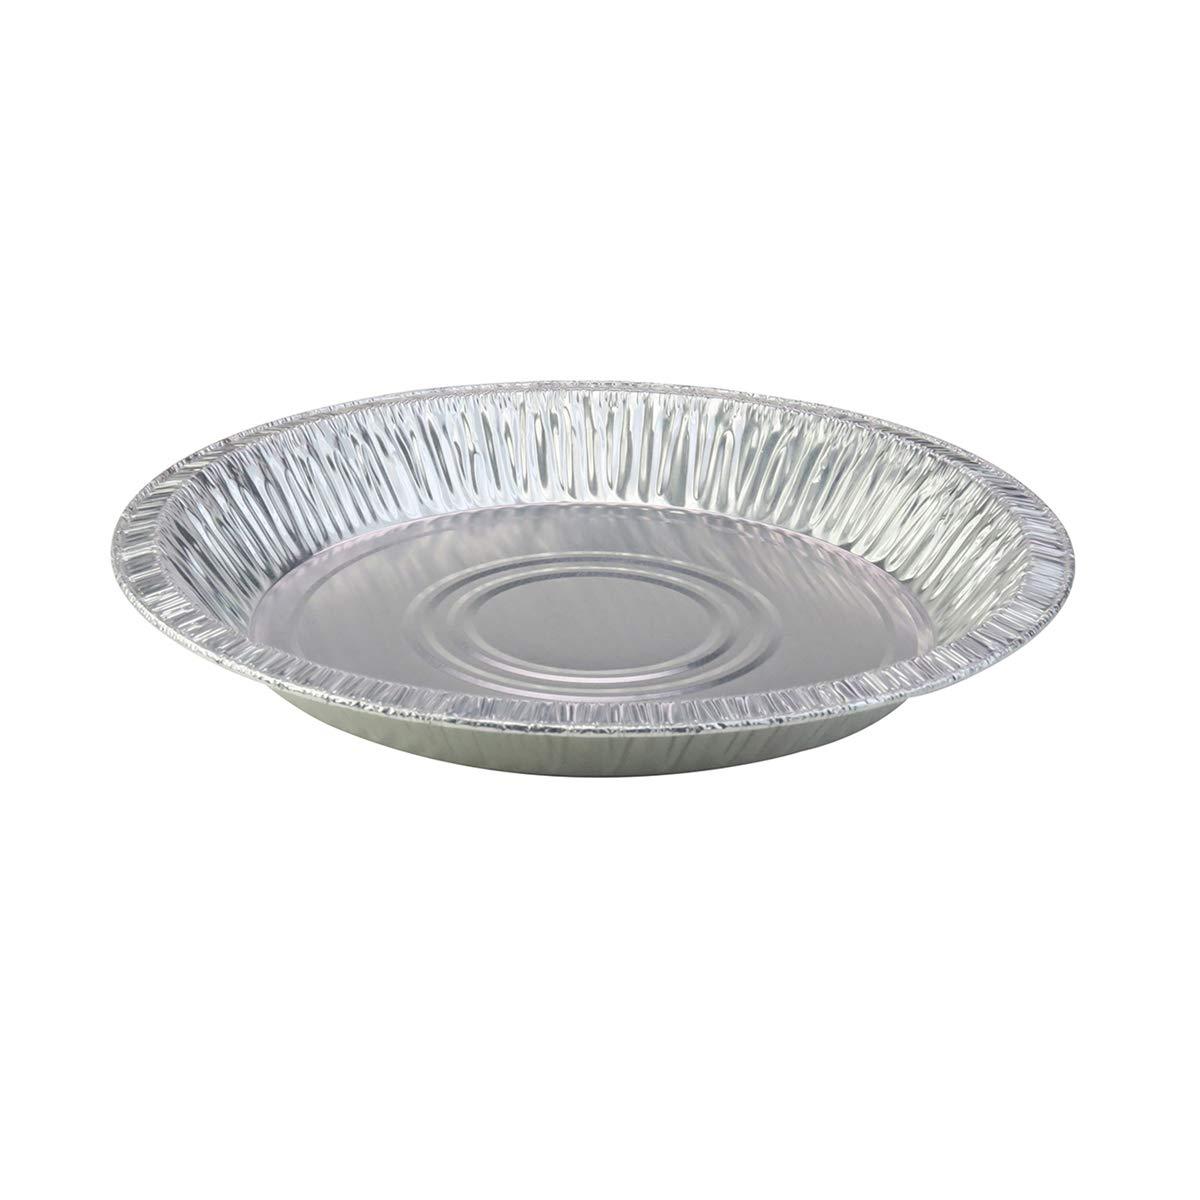 10'' (Rim to RIm 9-5/8'')  Disposable Aluminum Pie Pans #1042- Pack of 12